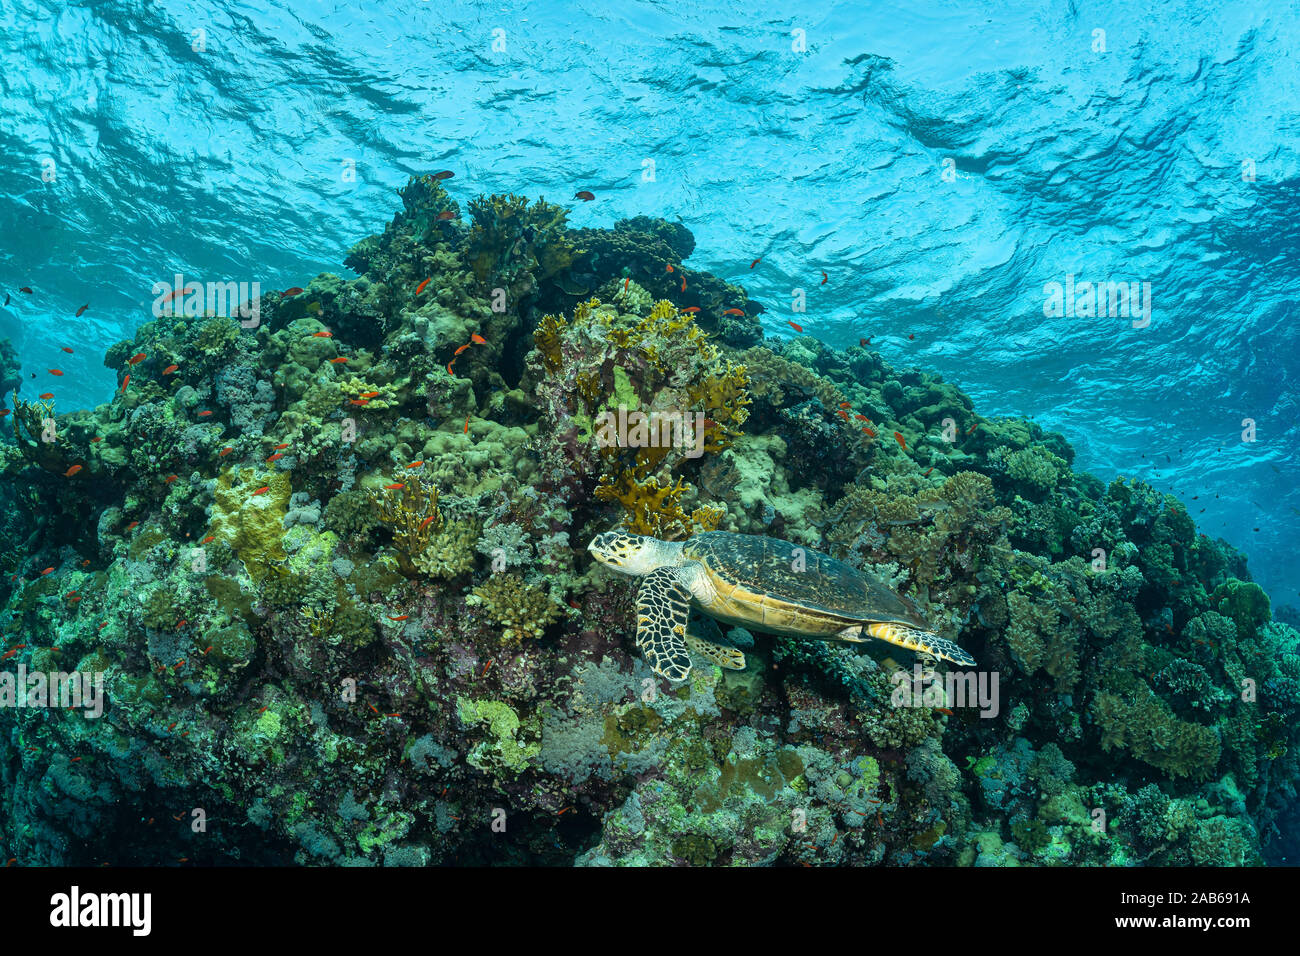 Alimentación de las tortugas verdes en un arrecife en el Mar Rojo. Foto de stock